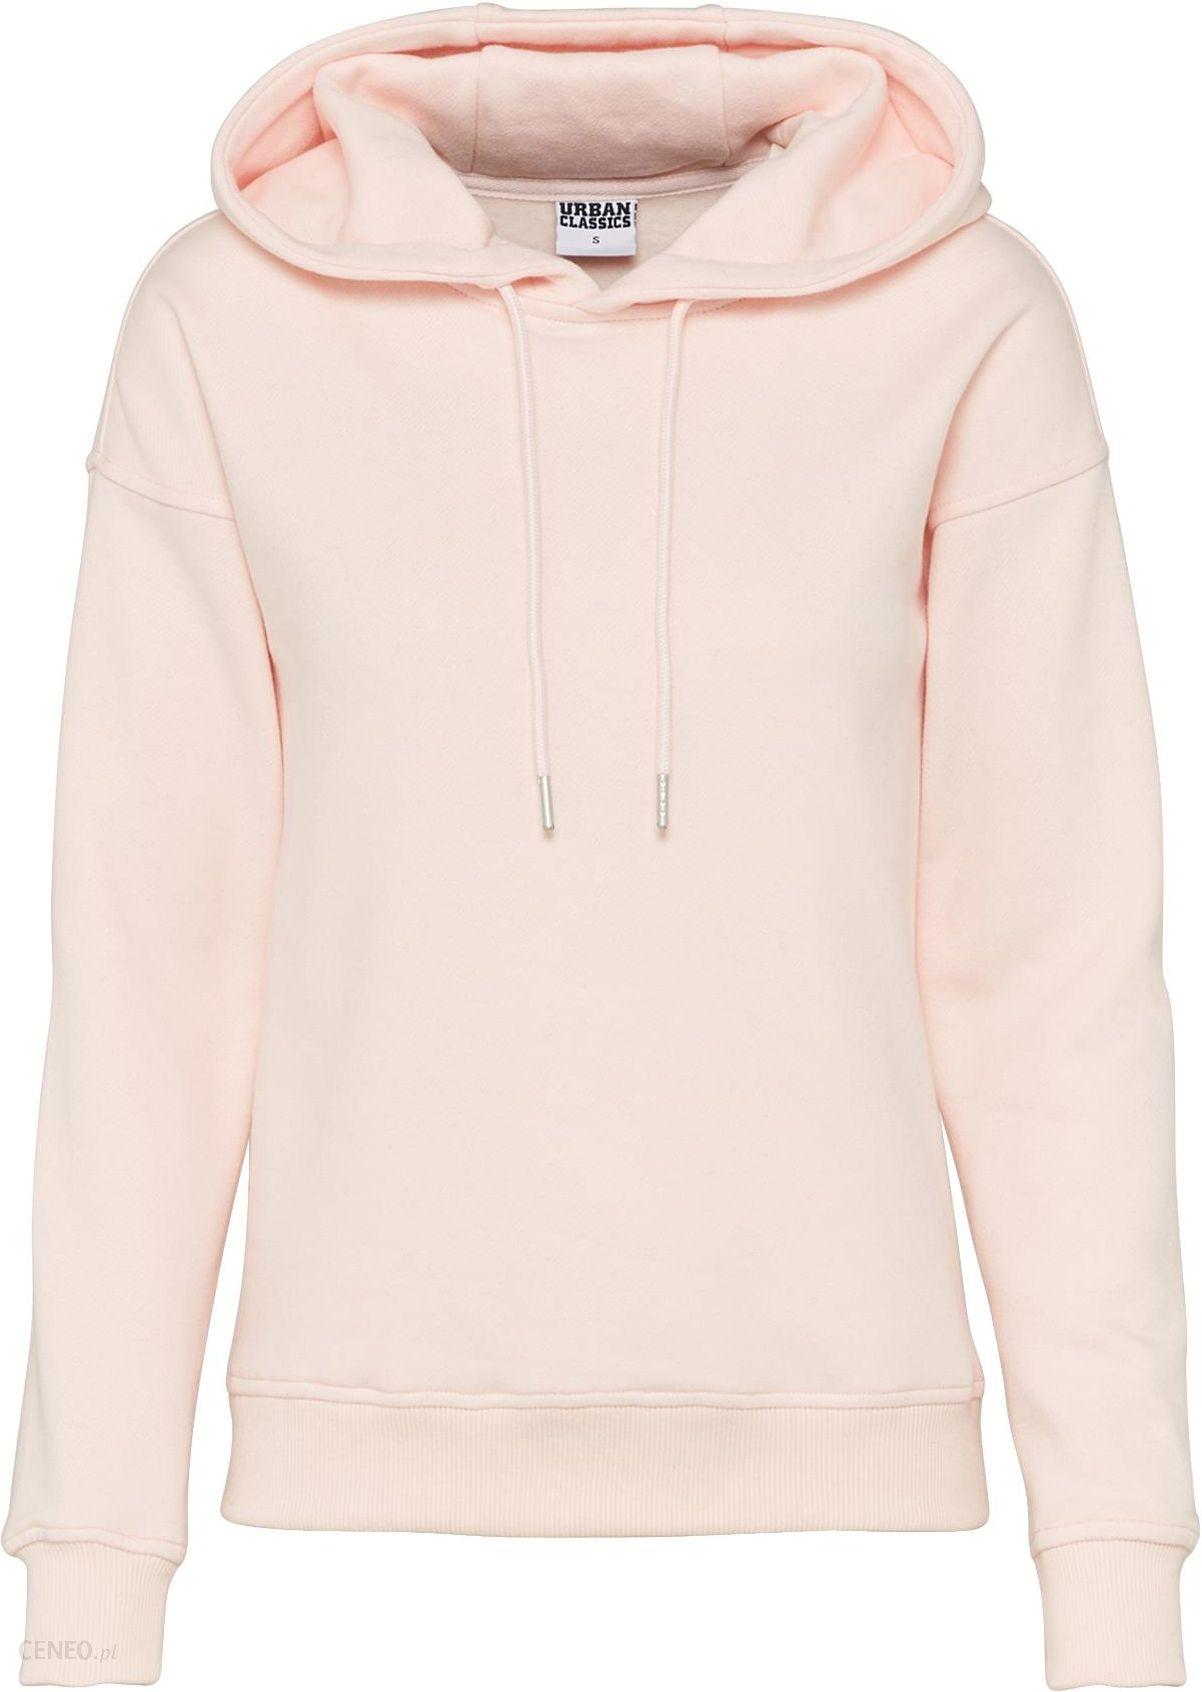 Urban Classics Bluzka sportowa Różowy Pudrowy